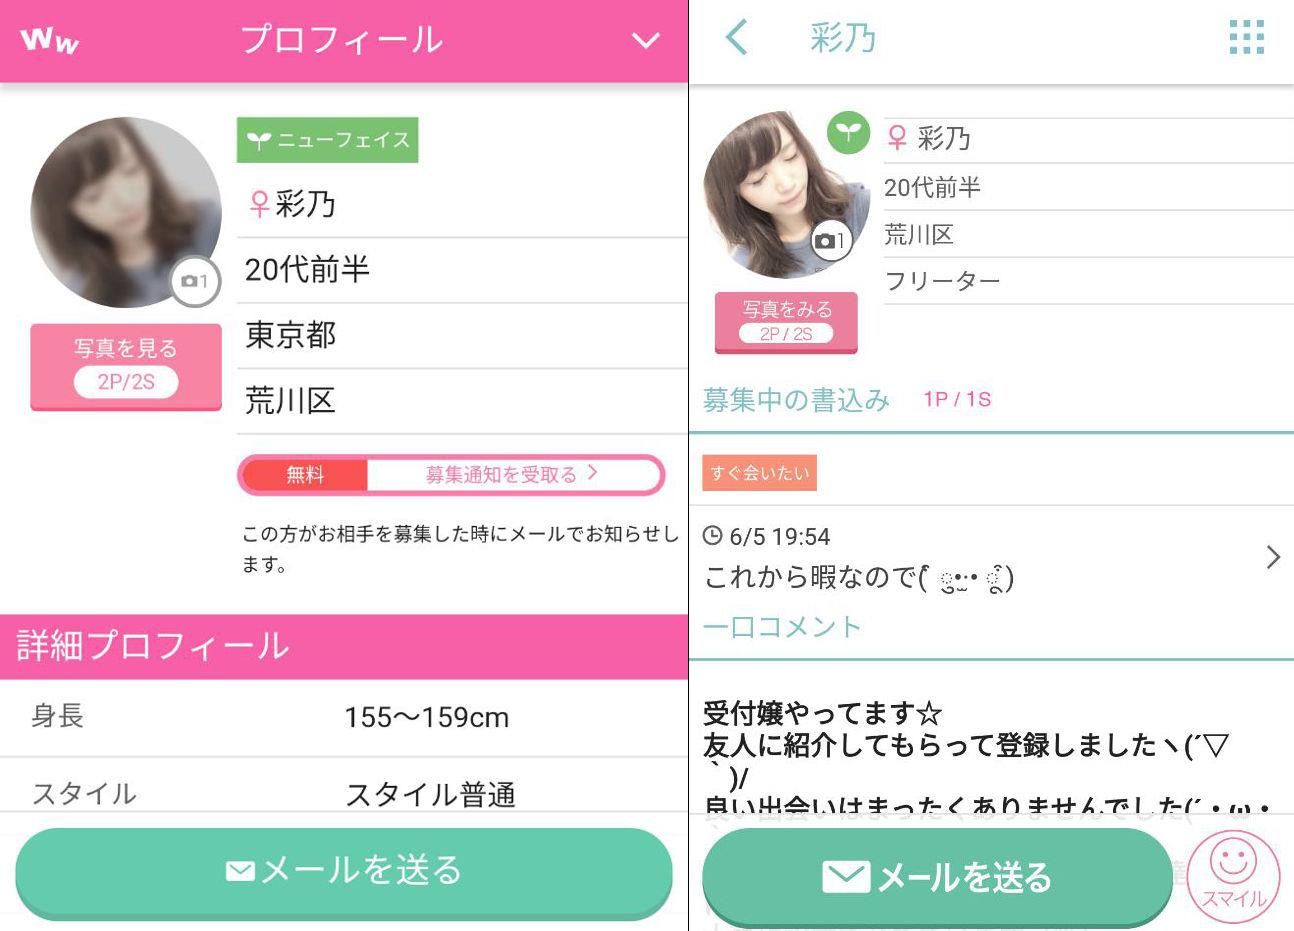 ワクワクメールwebアプリ比較1